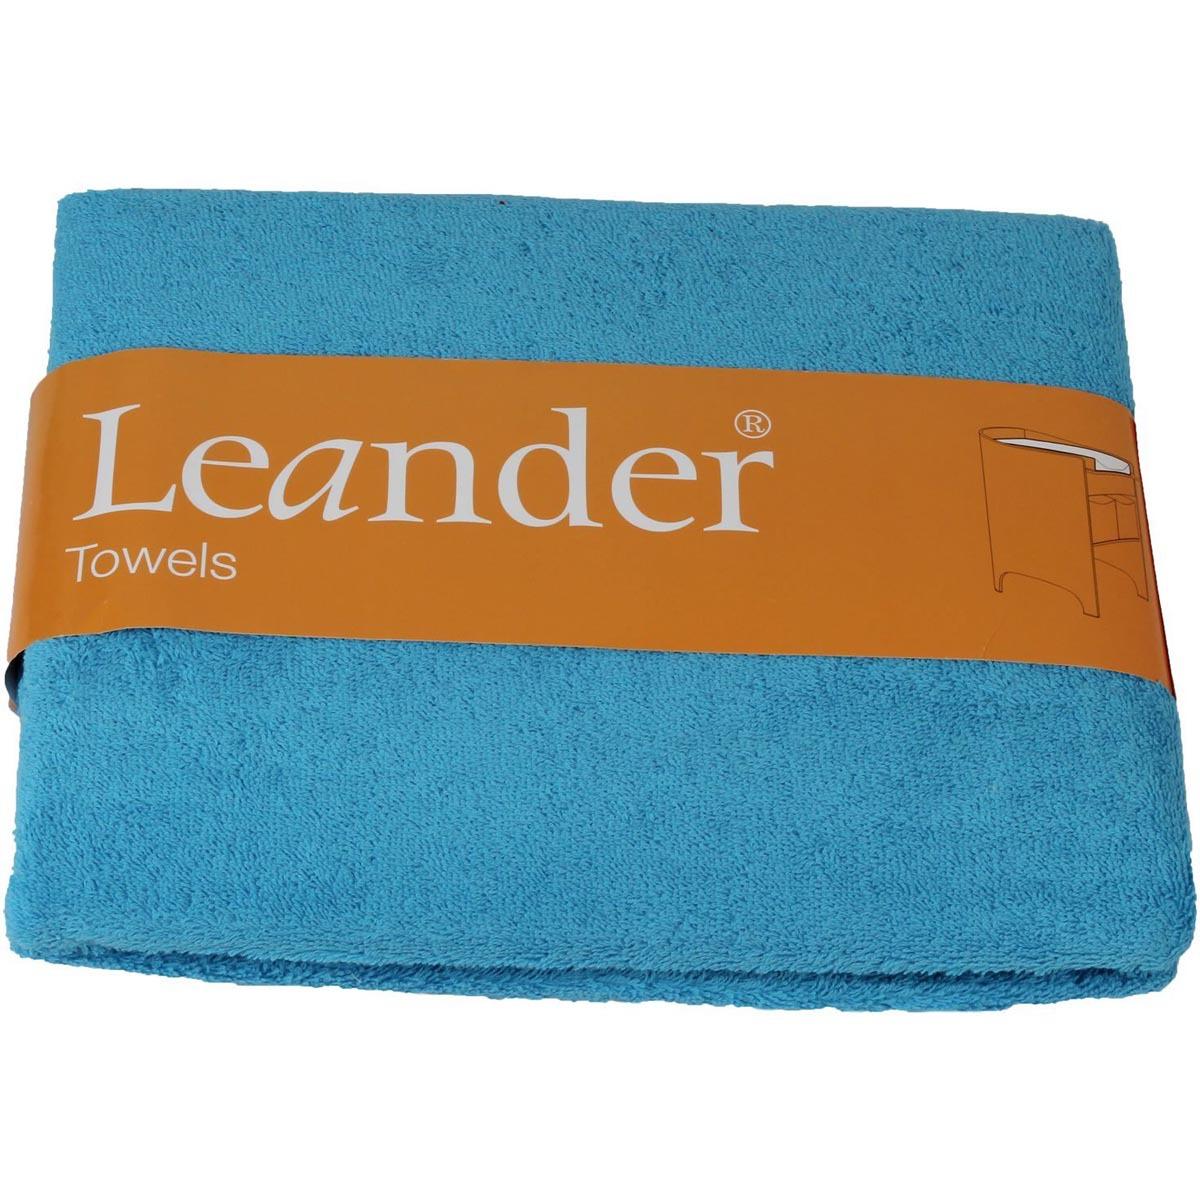 lot de deux serviettes pour commode azur serazu achat vente linge sortie de bain sur. Black Bedroom Furniture Sets. Home Design Ideas